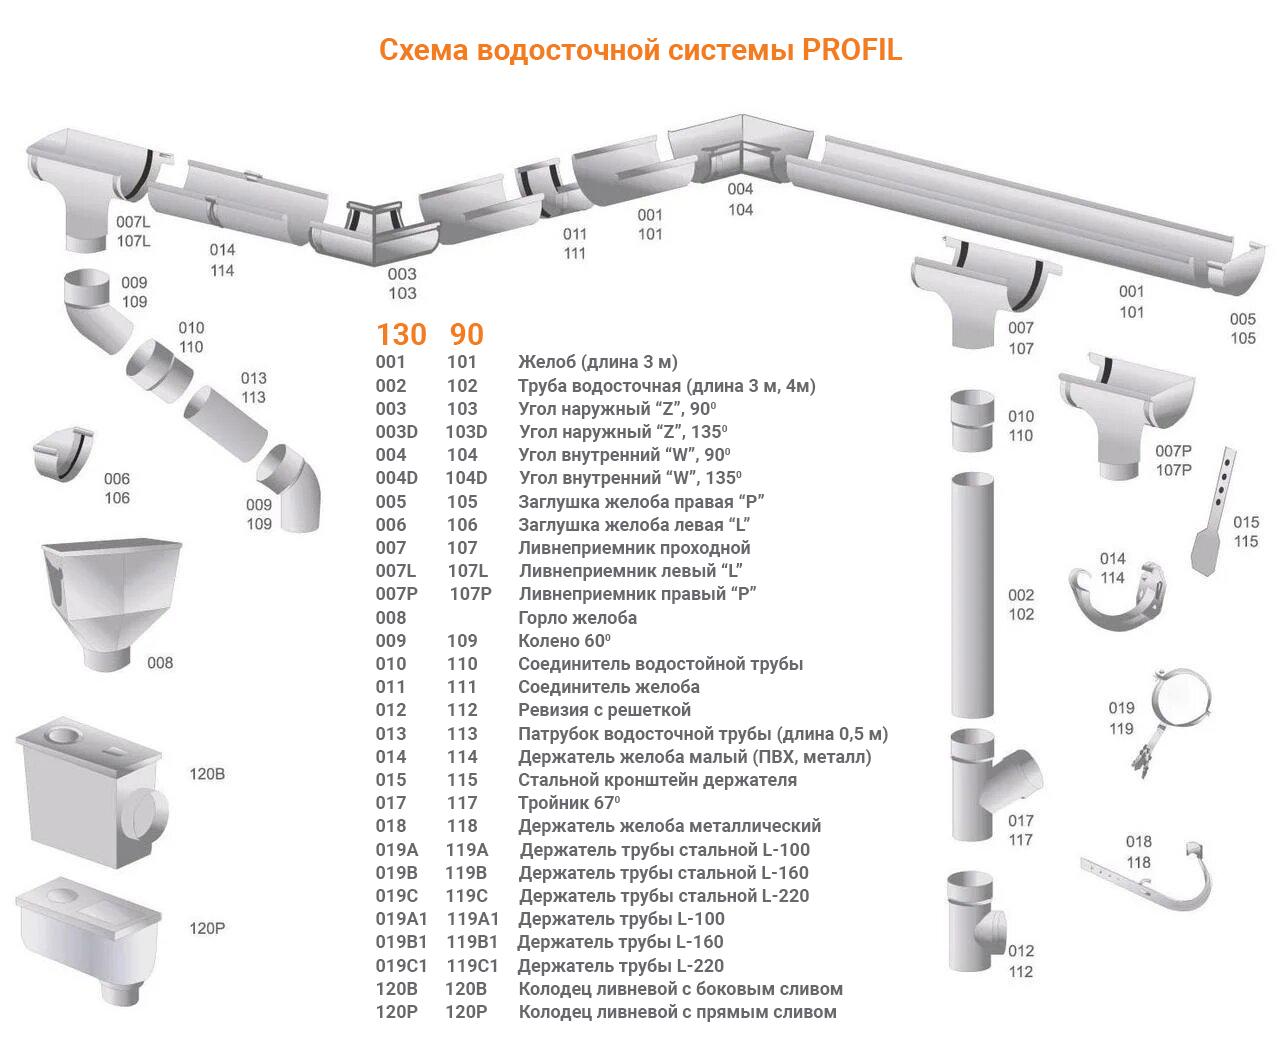 Схема водосточной системы Profil